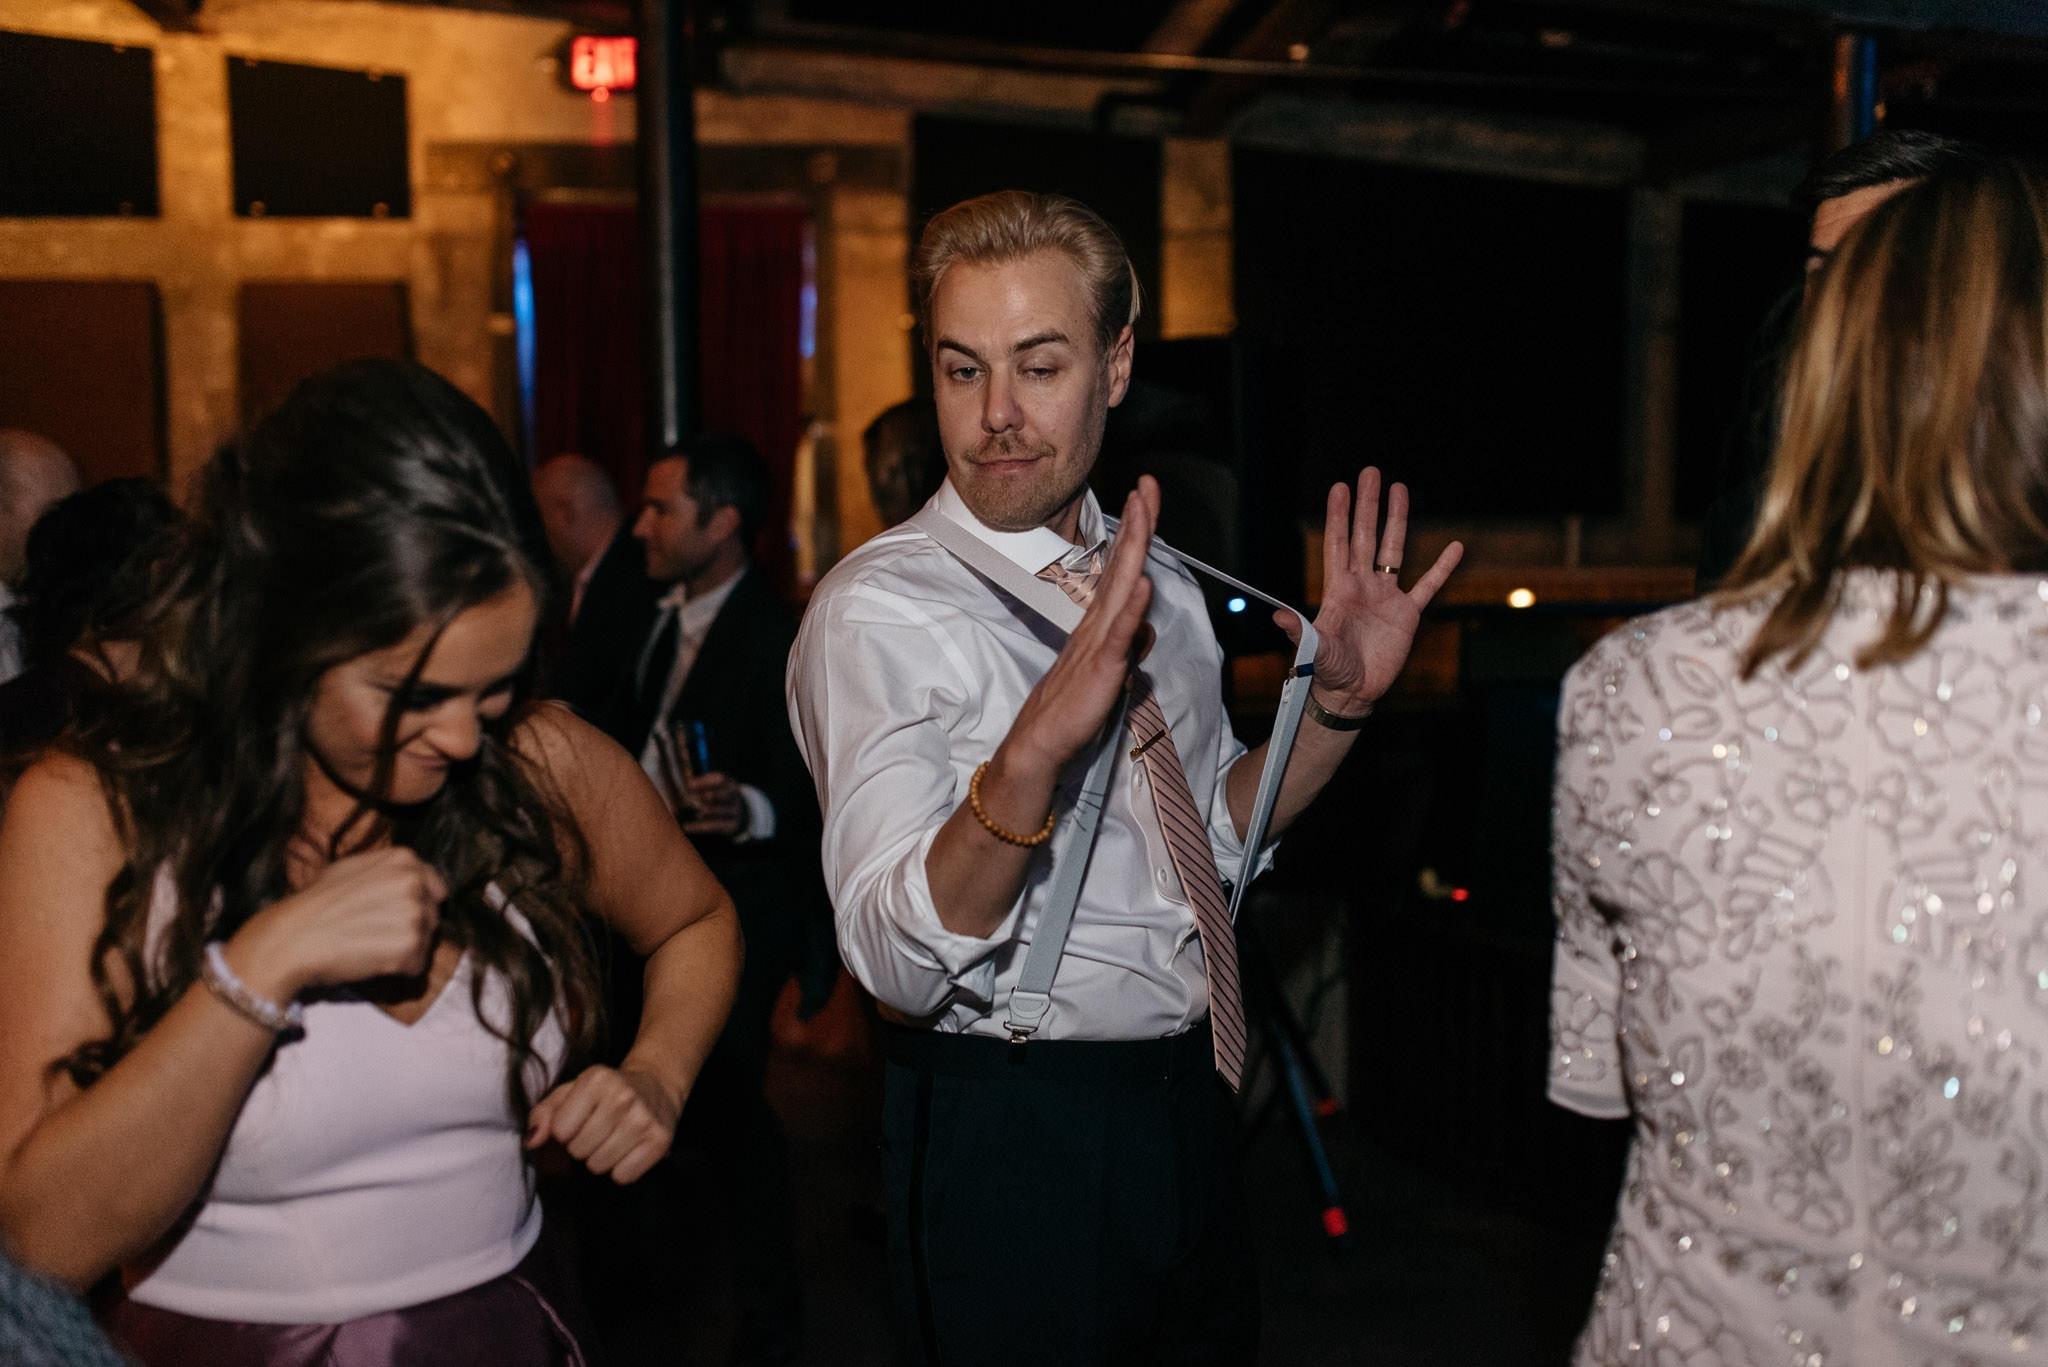 helsinki-hudson-wedding-60